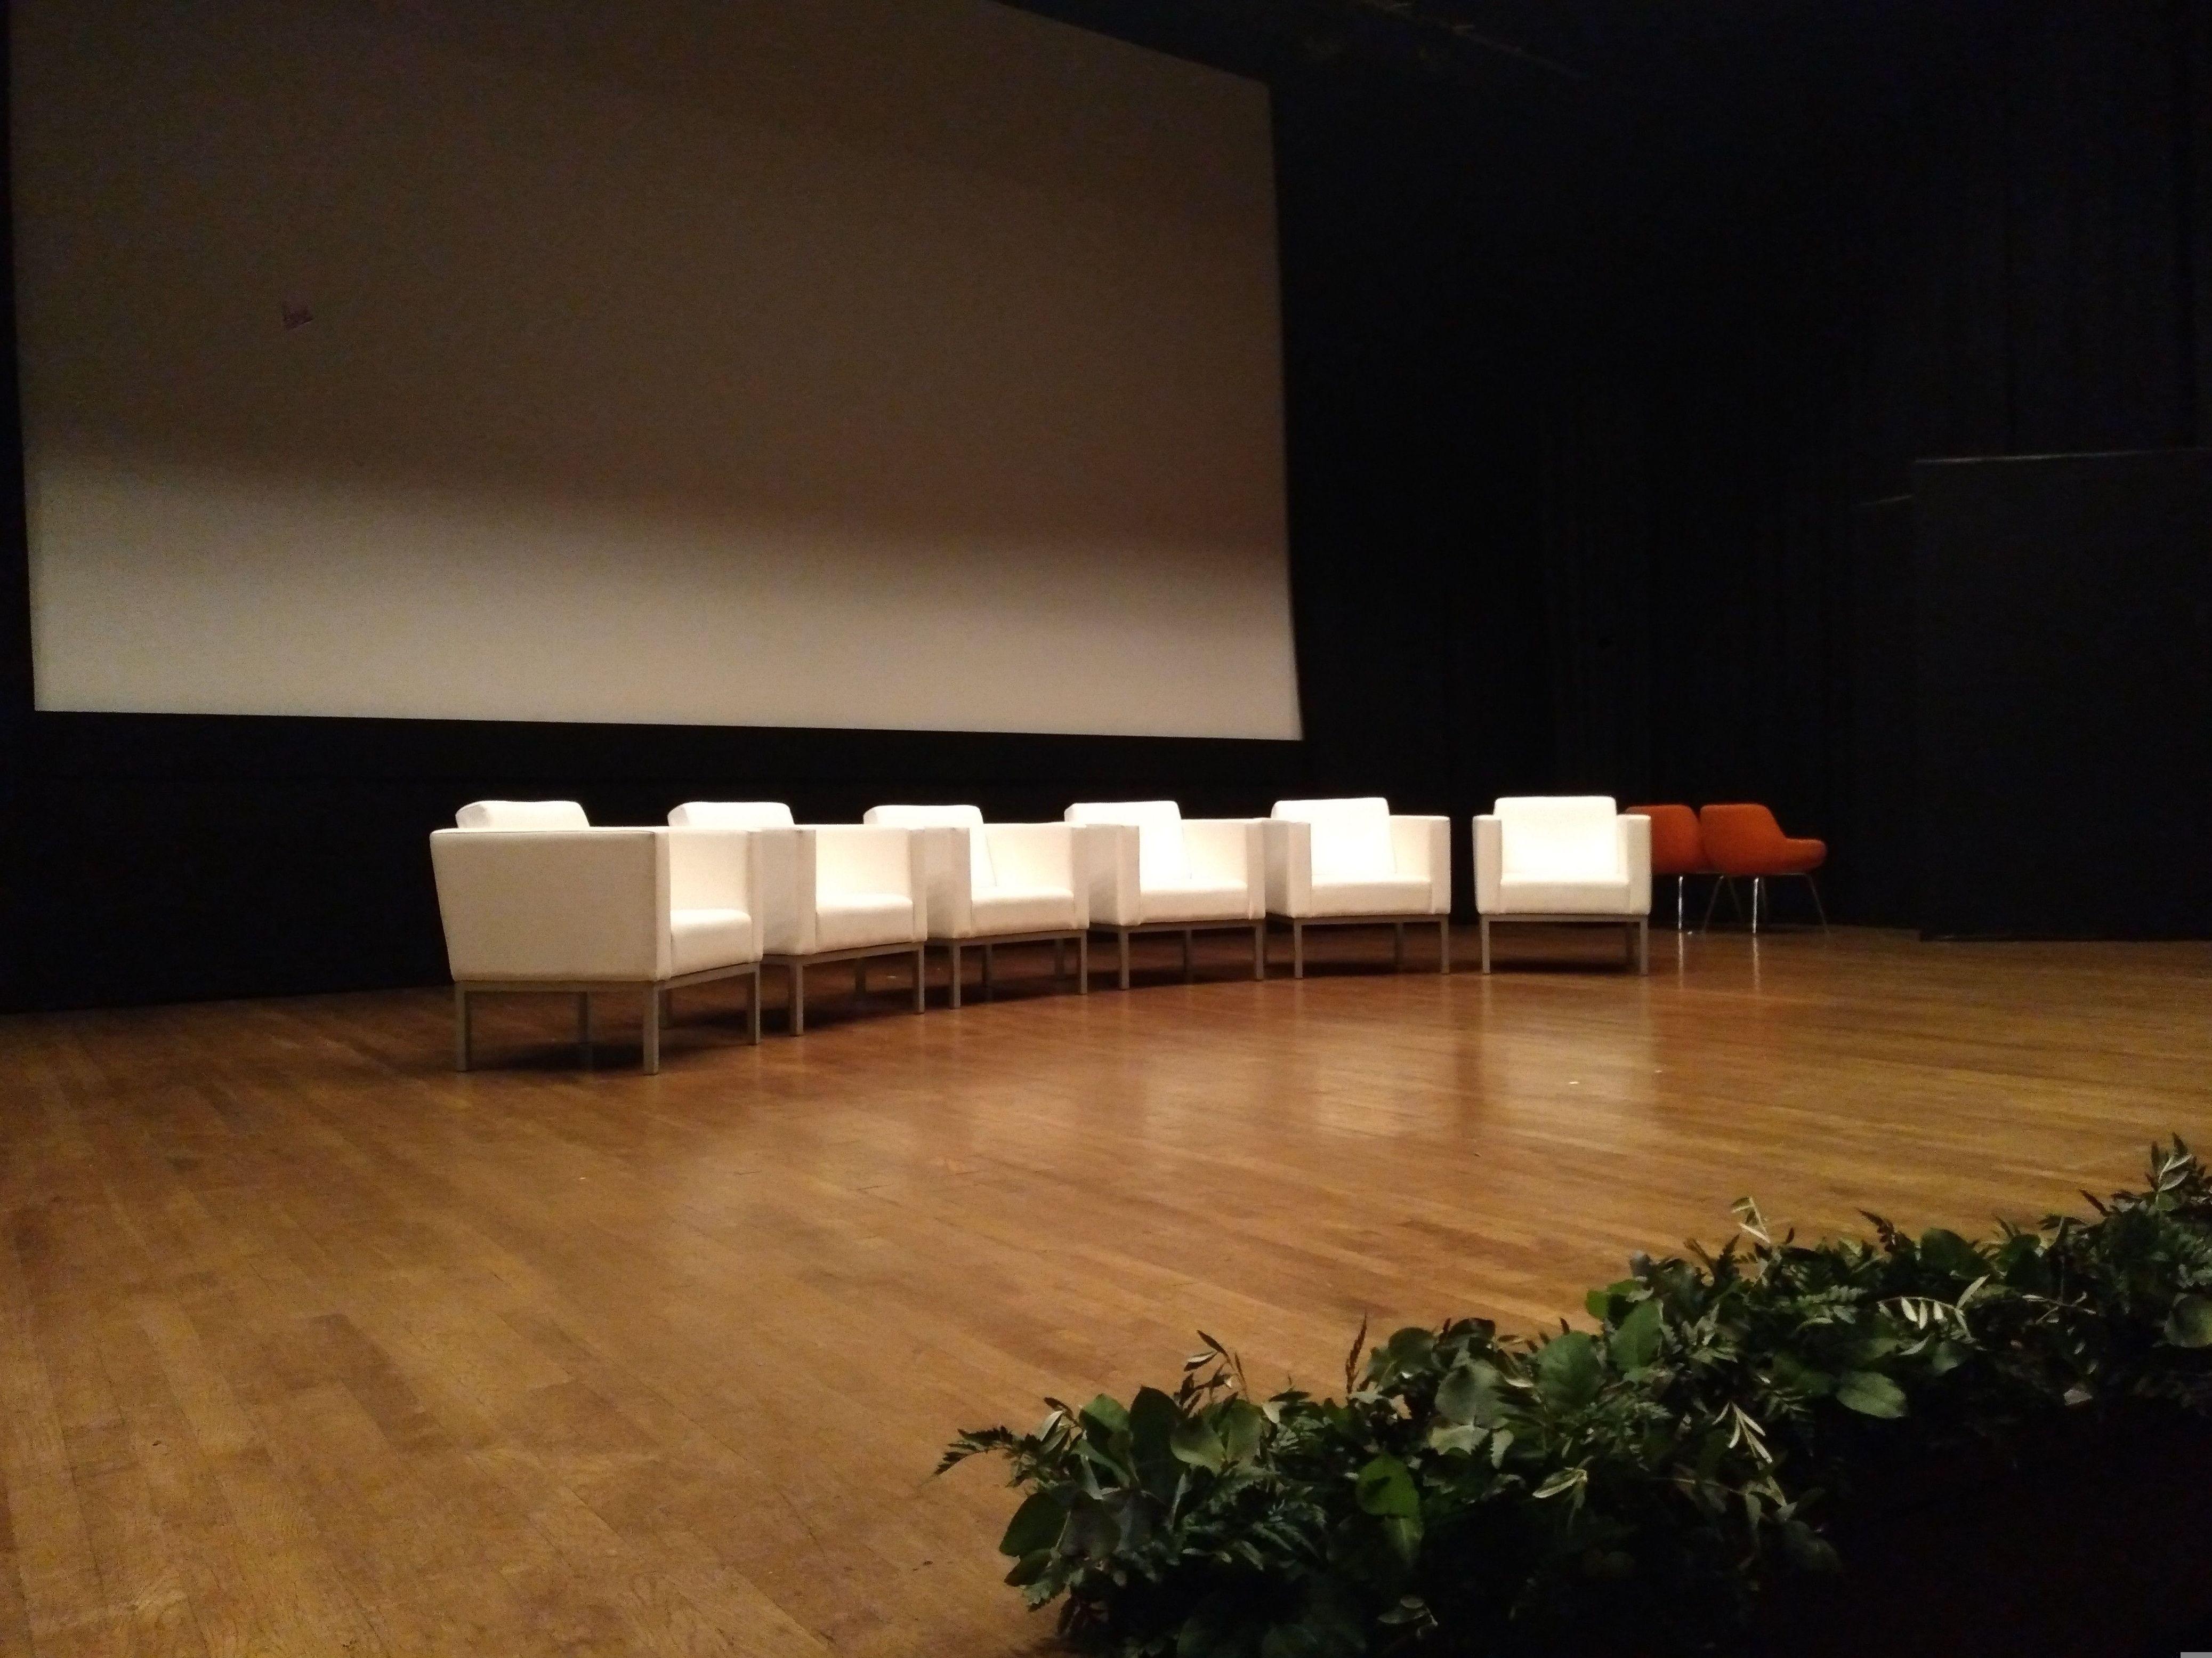 Foto 5 de Alquiler de sillas, mesas y menaje en Zaragoza | Stuhl Ibérica Alquiler de Mobiliario